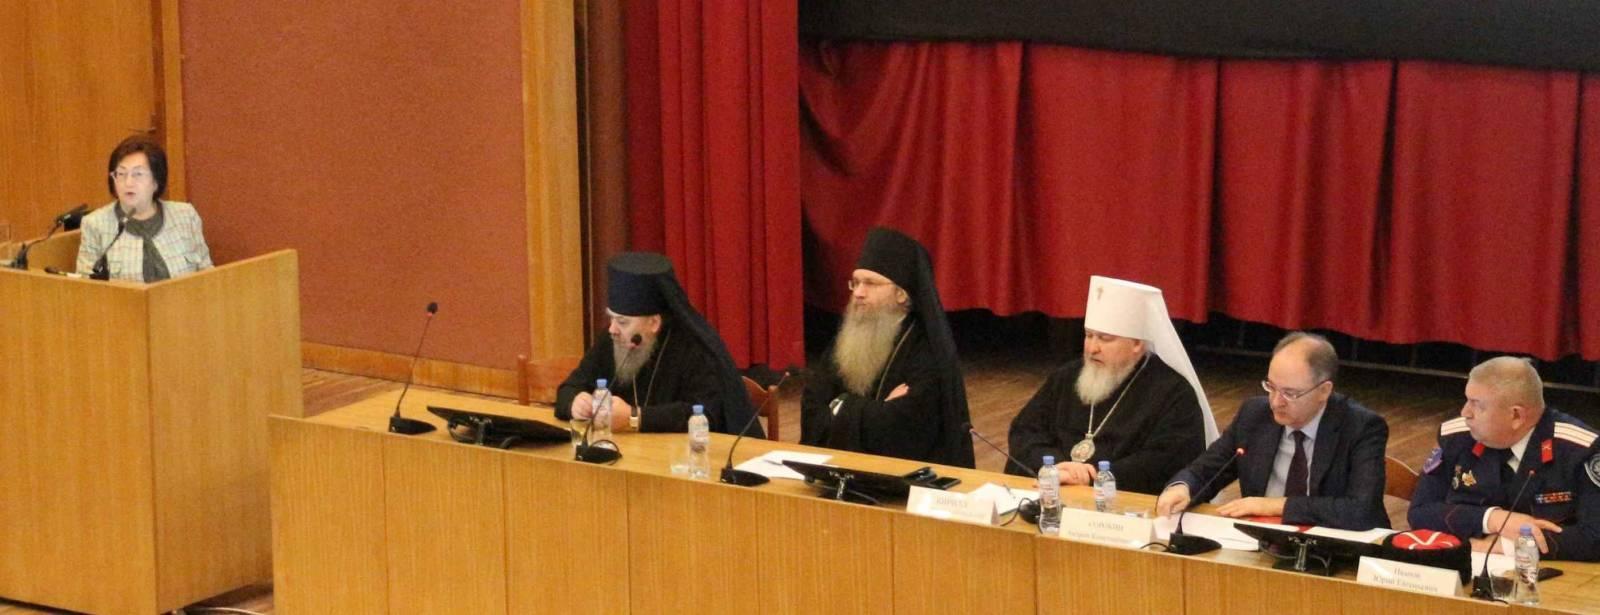 Владыка Елисей принял участие в научной конференции по Казачеству.